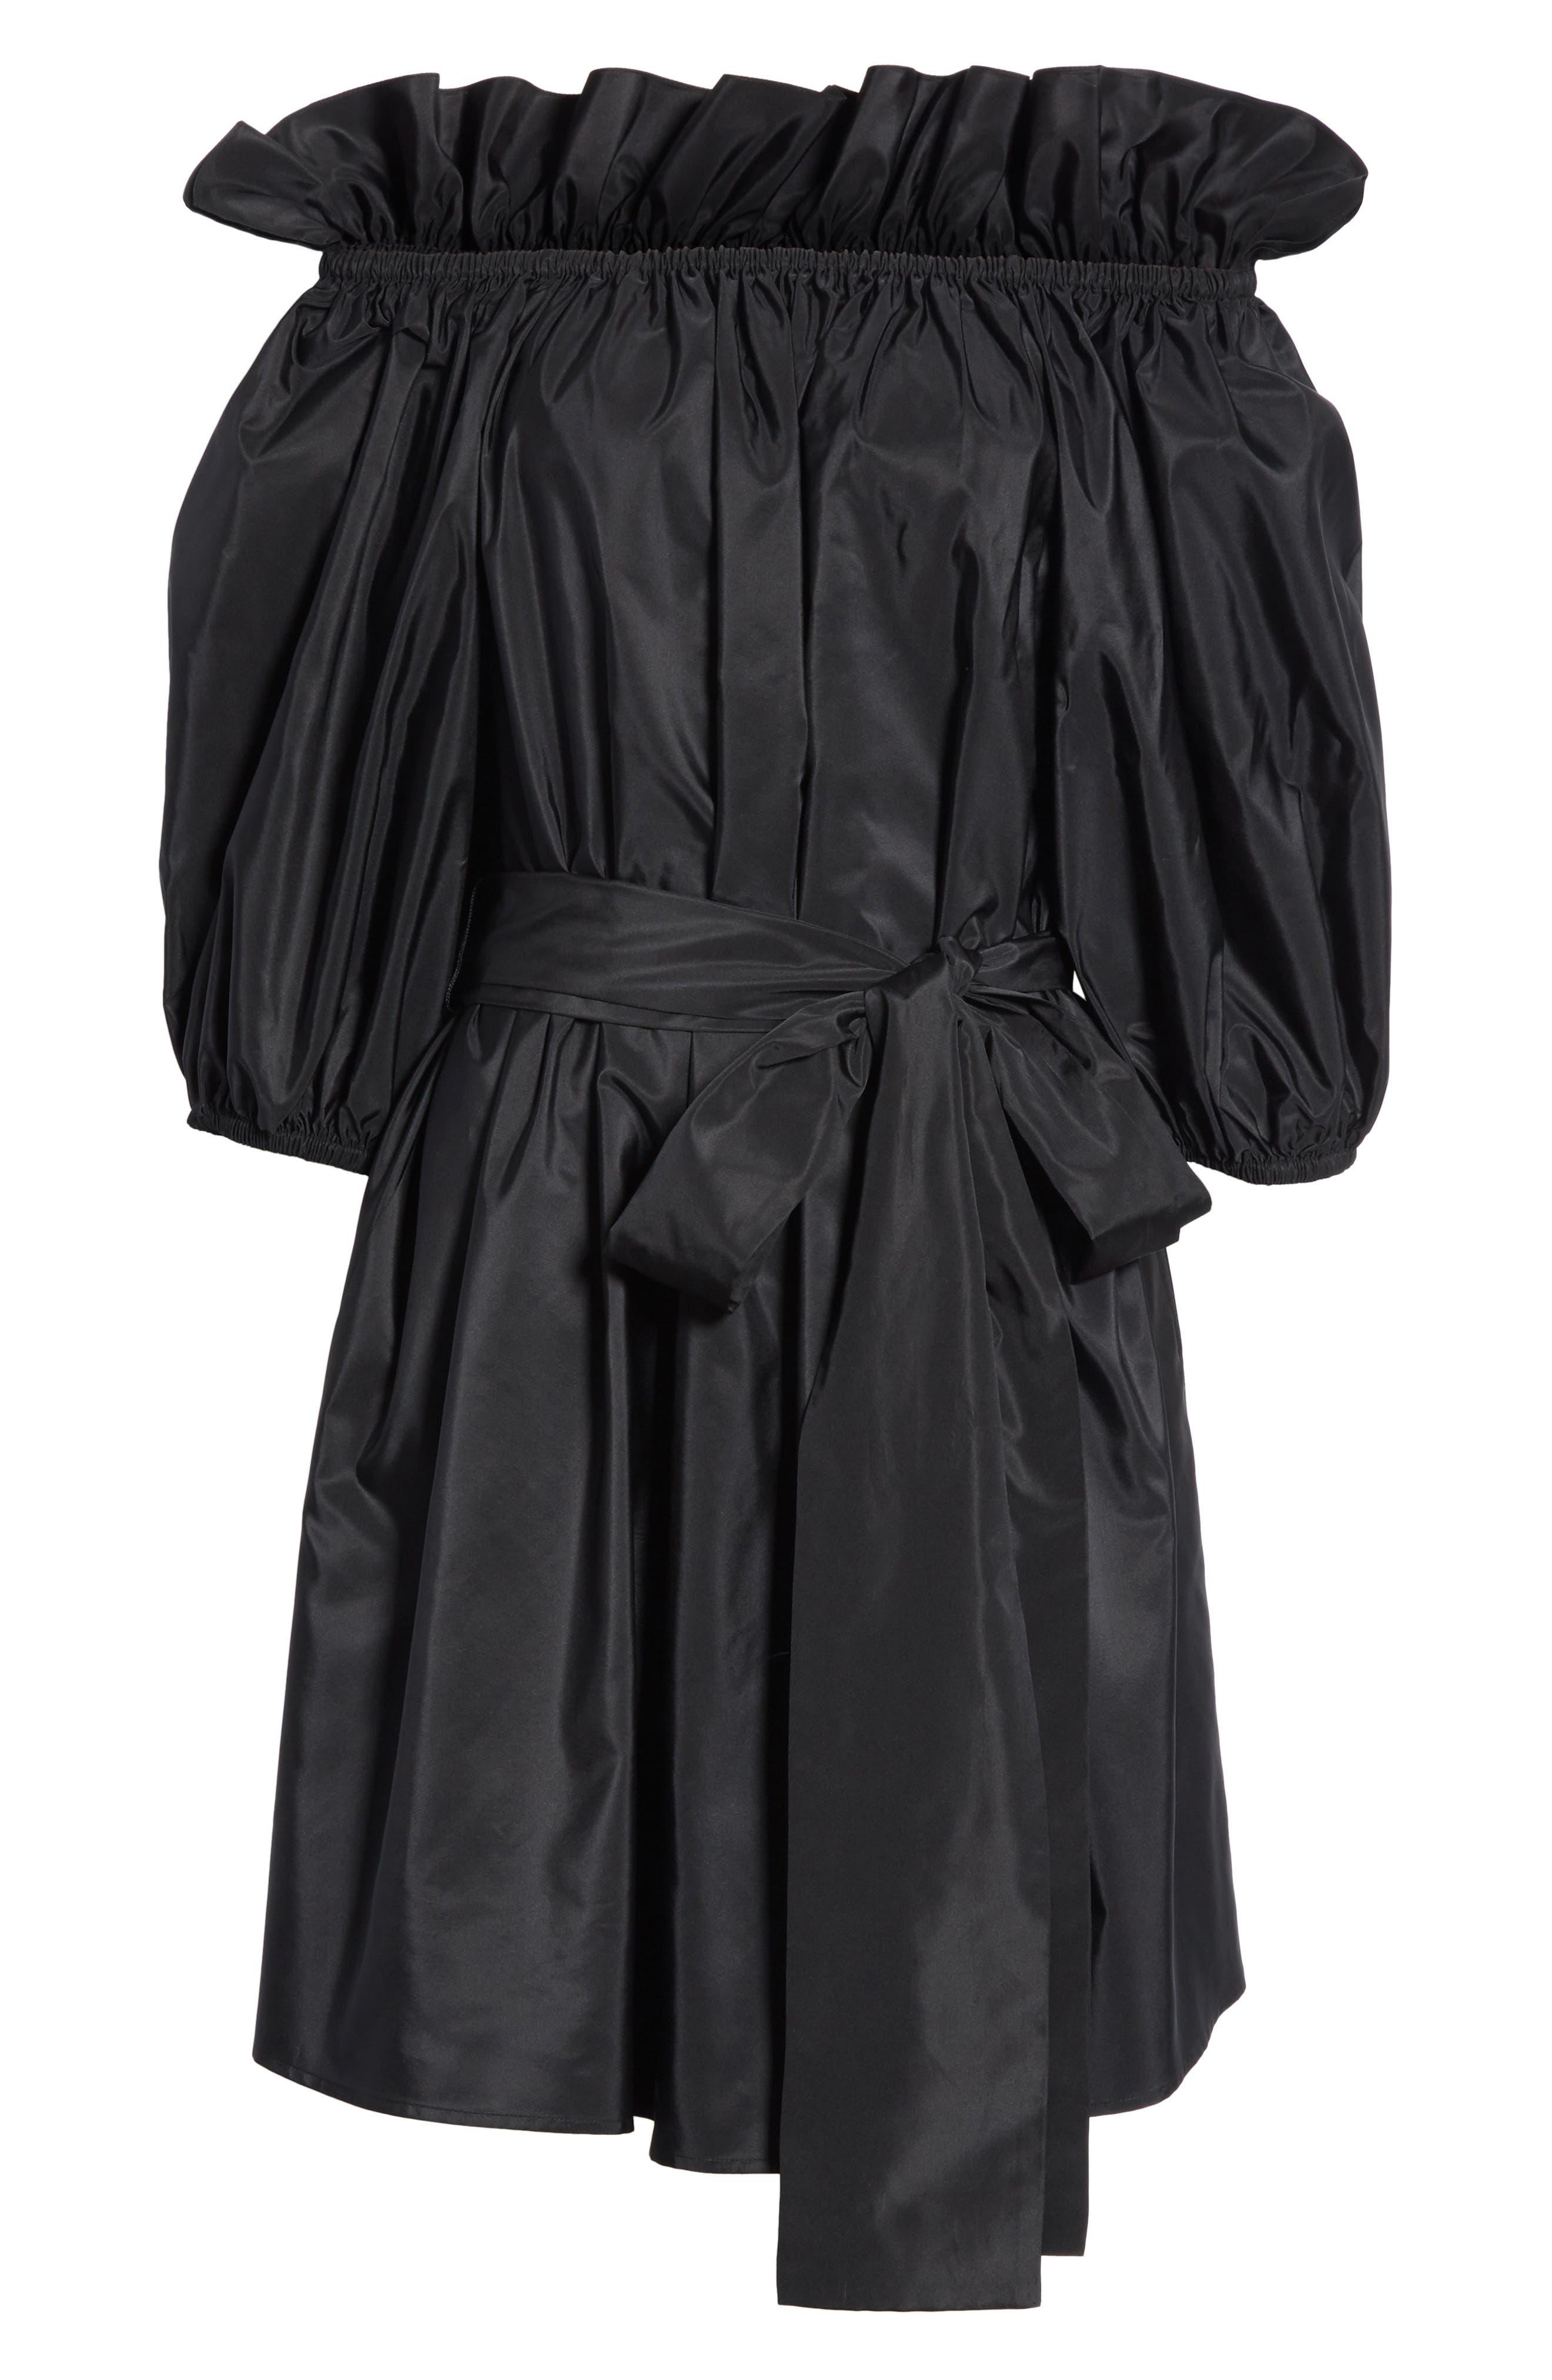 Belted Off the Shoulder Taffeta Dress,                             Alternate thumbnail 7, color,                             Black